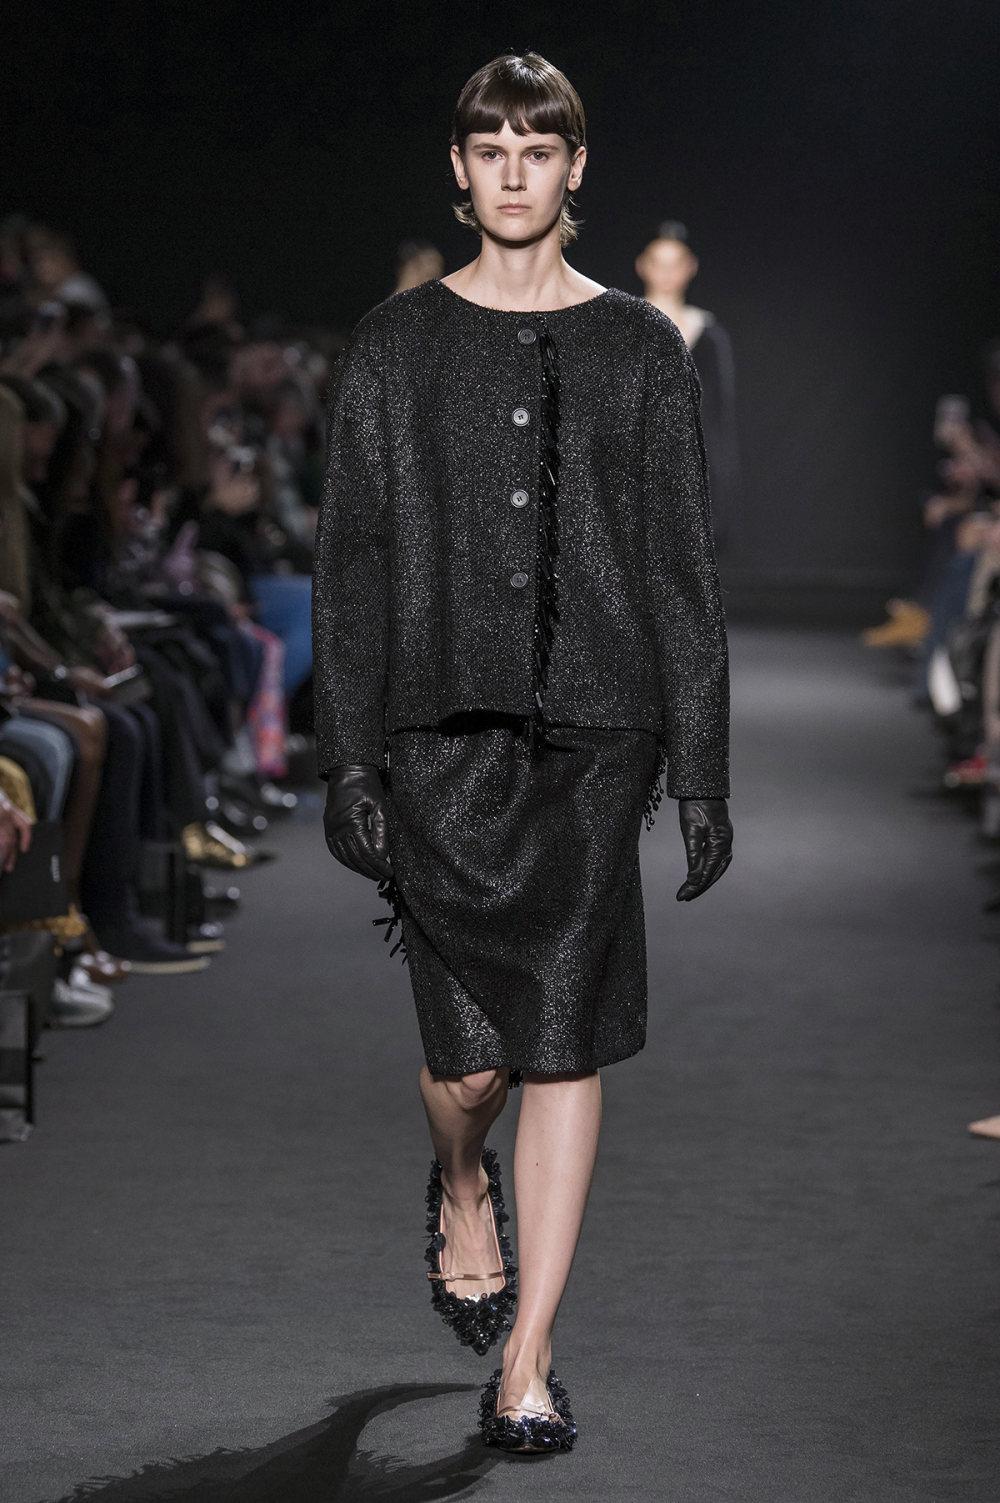 Rochas时装系列黑色无领斜纹软呢褶皱的黑色裙身饰有超细短袖衬衫-8.jpg